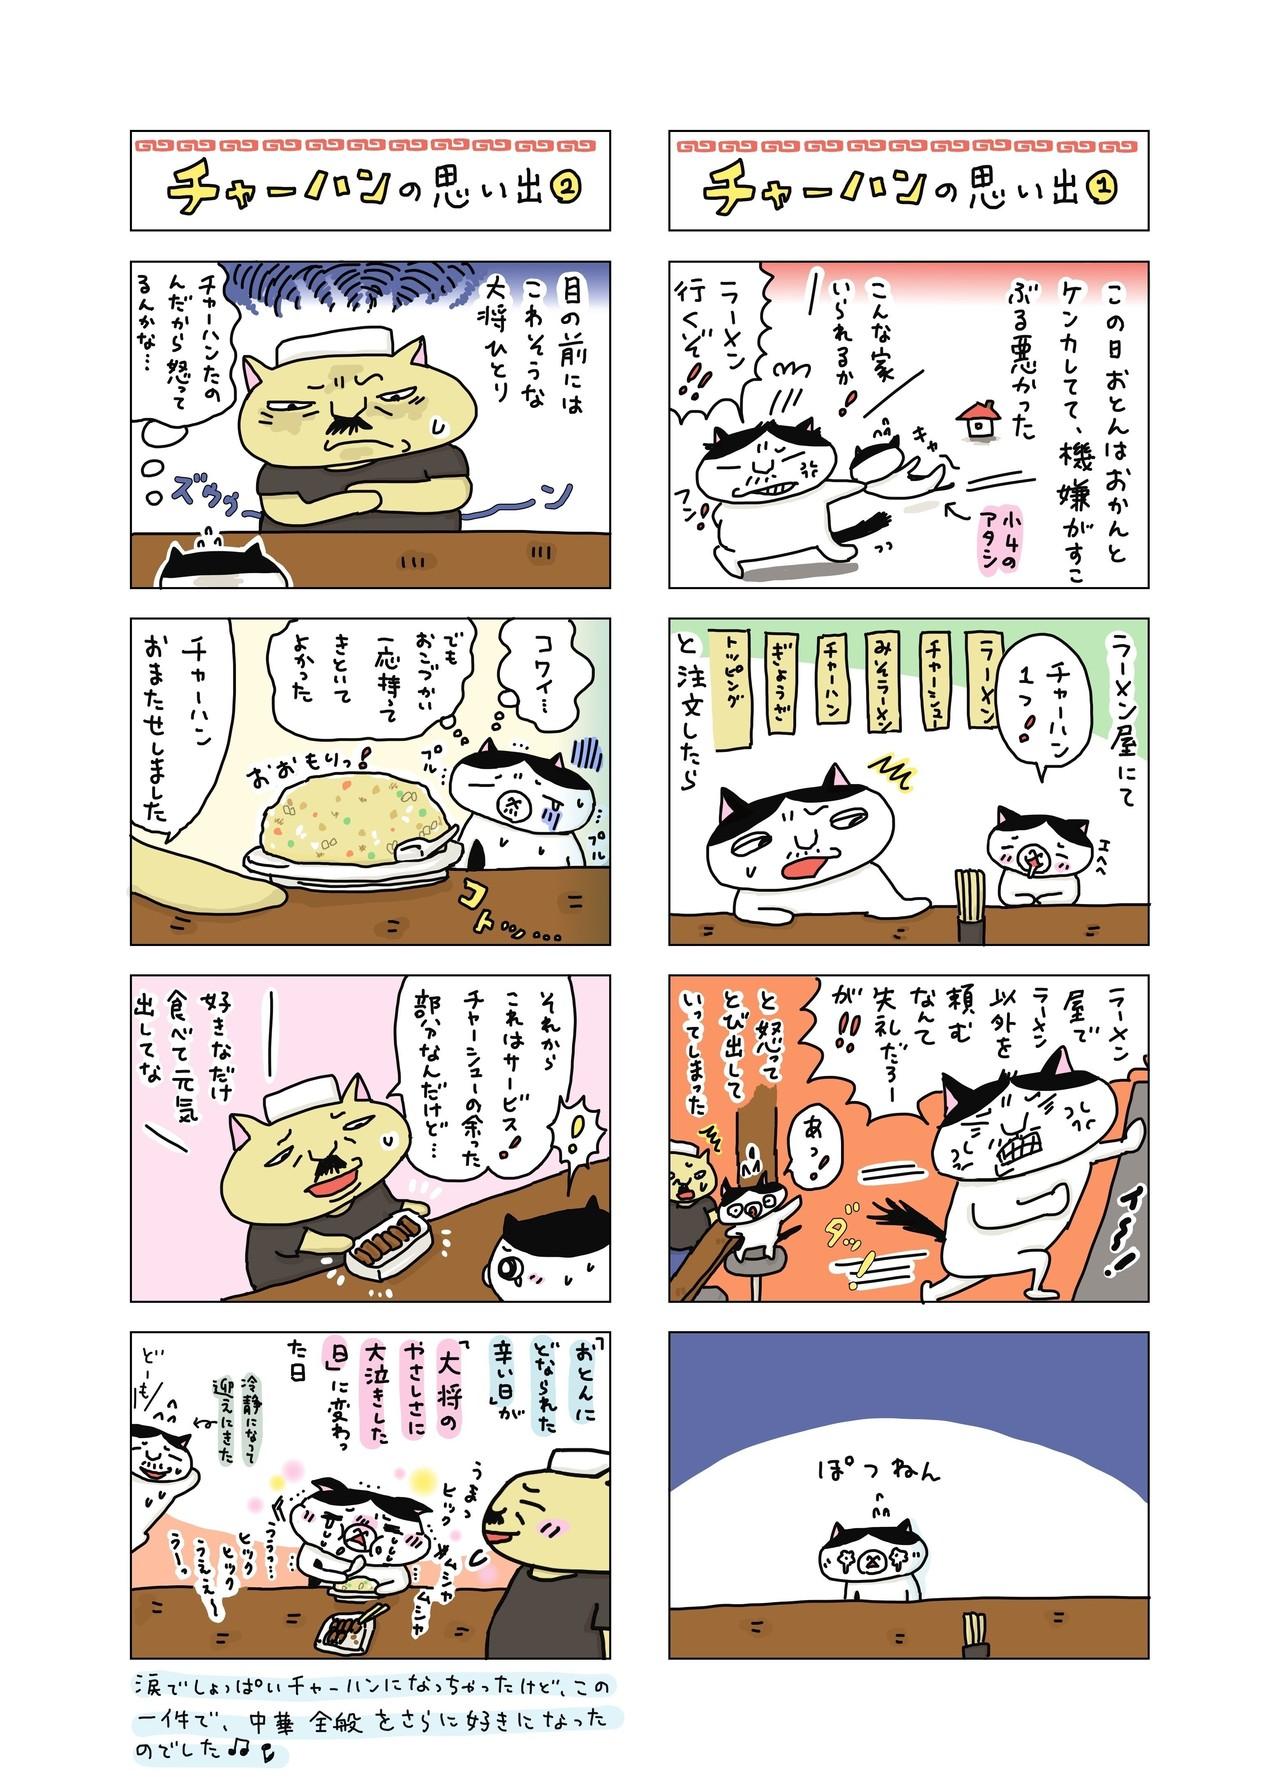 悲しい気持ちの時、いつも救ってくれたのは、人の優しさと、おいしい食べ物でした(*^^*)  アタシも、誰かが悲しんでいる時、そっとおいしい食べ物を差し入れできるような、親切な人になりたいです❋